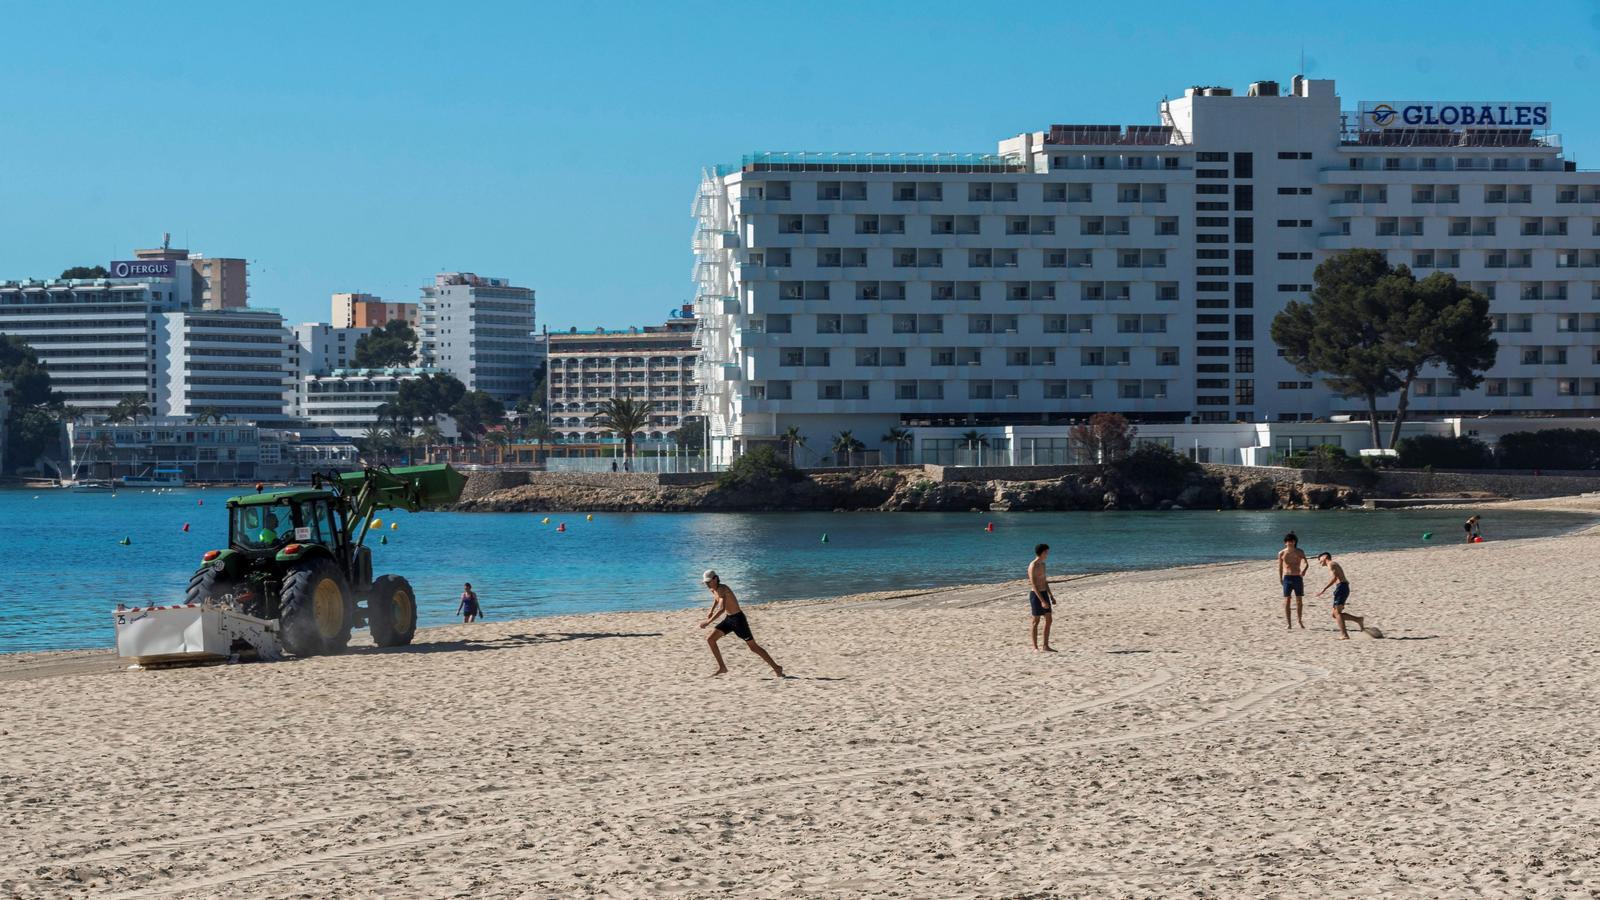 La platja de Son Matias, a Calvià, Mallorca, aquesta setmana